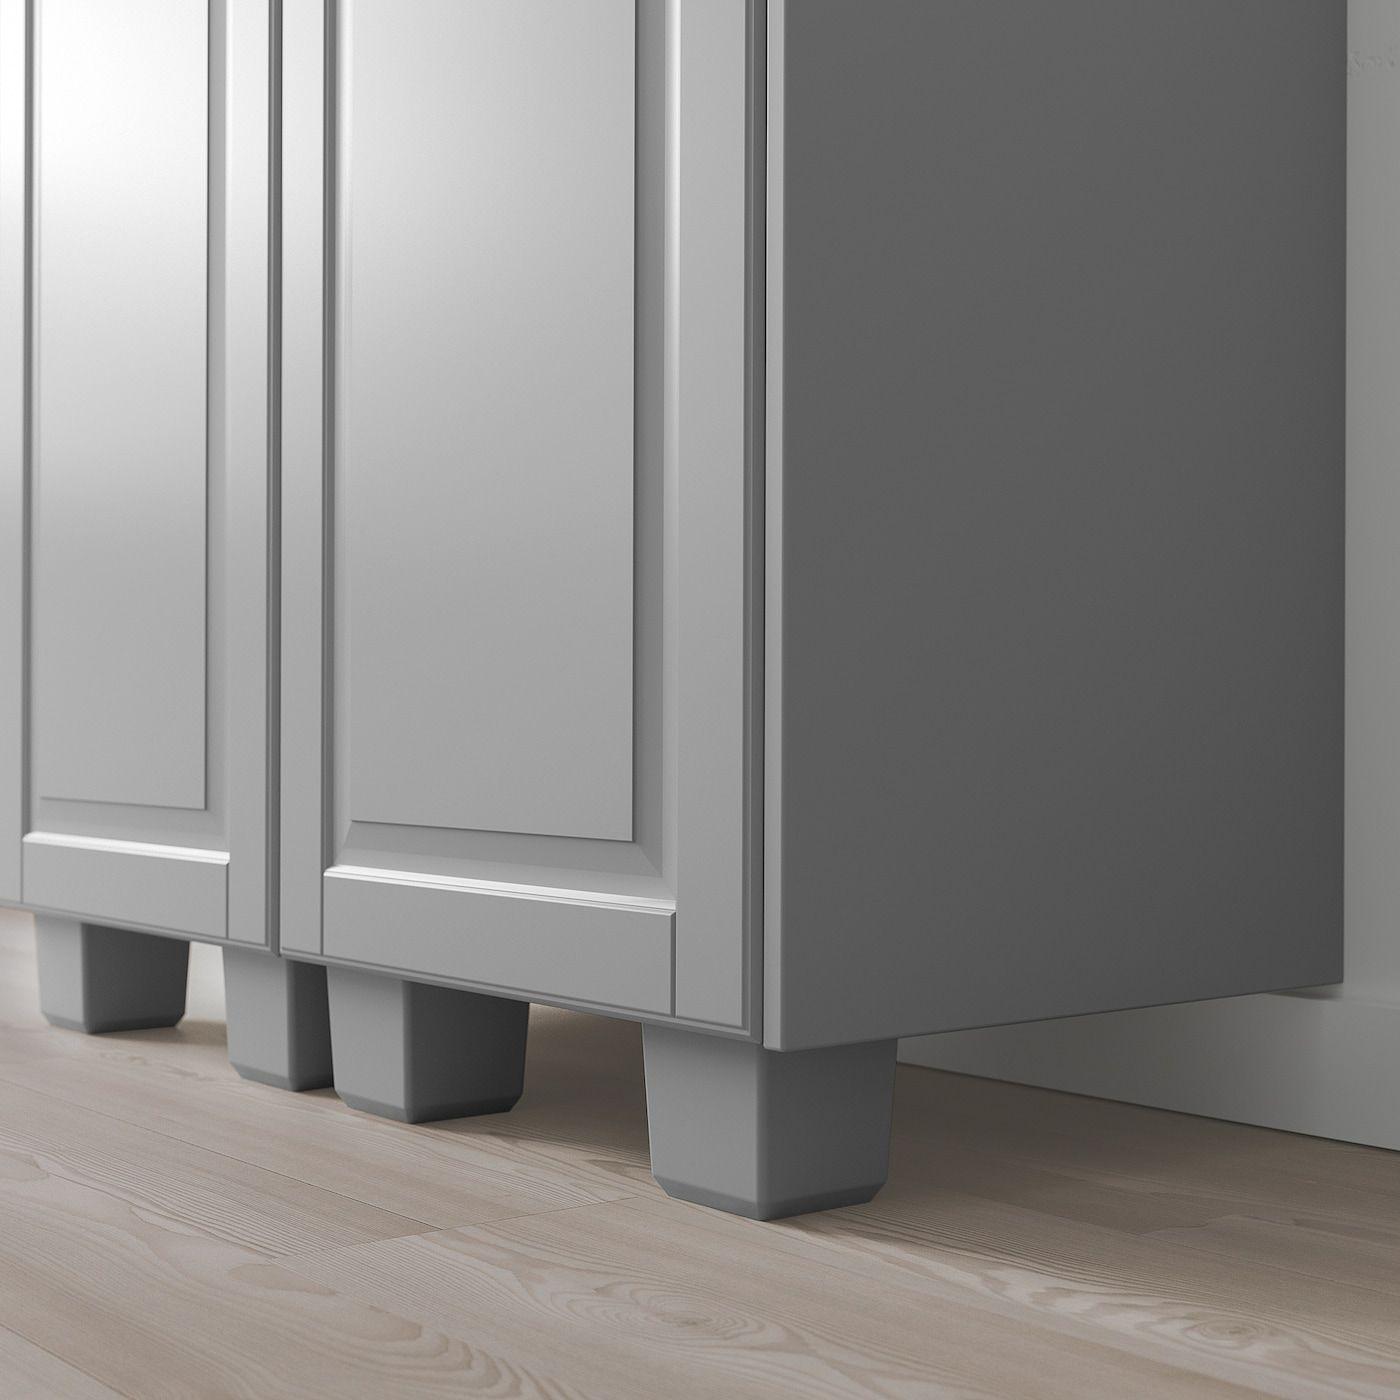 Bodbyn Leg Gray Ikea In 2020 Bodbyn Kitchen Cabinets With Legs Ikea